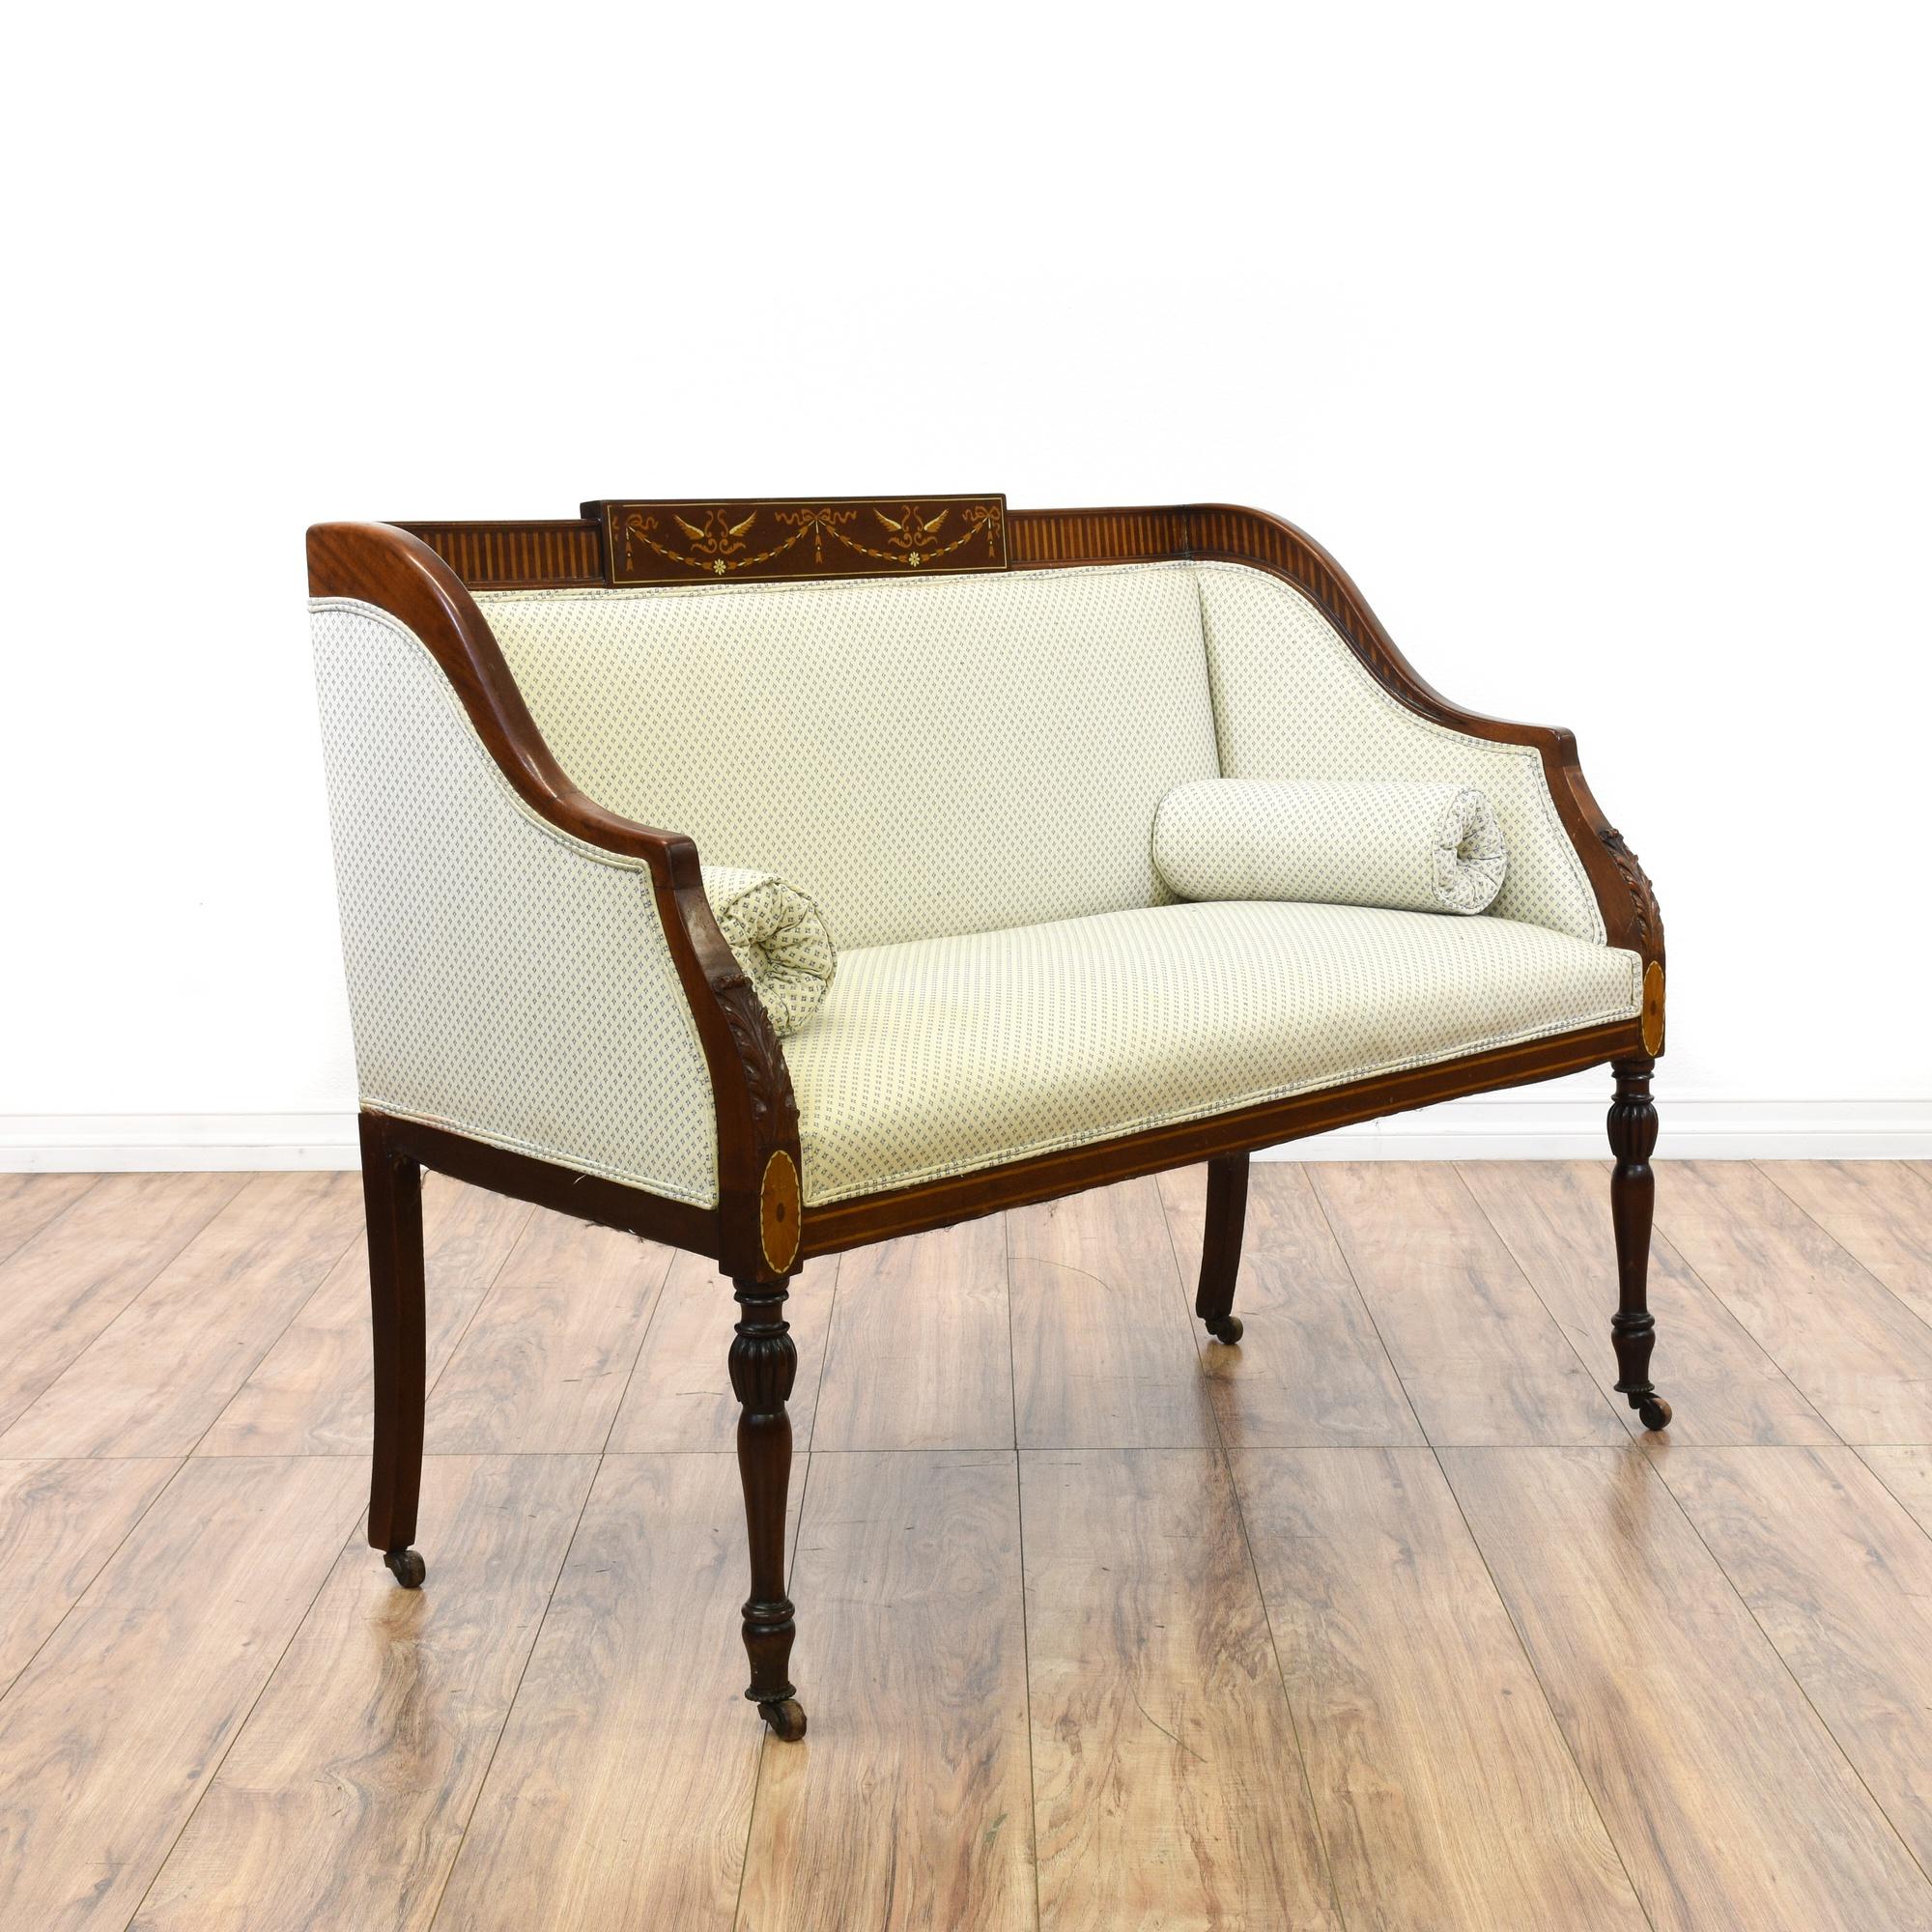 Carved Upholstered White Loveseat Settee Sofa